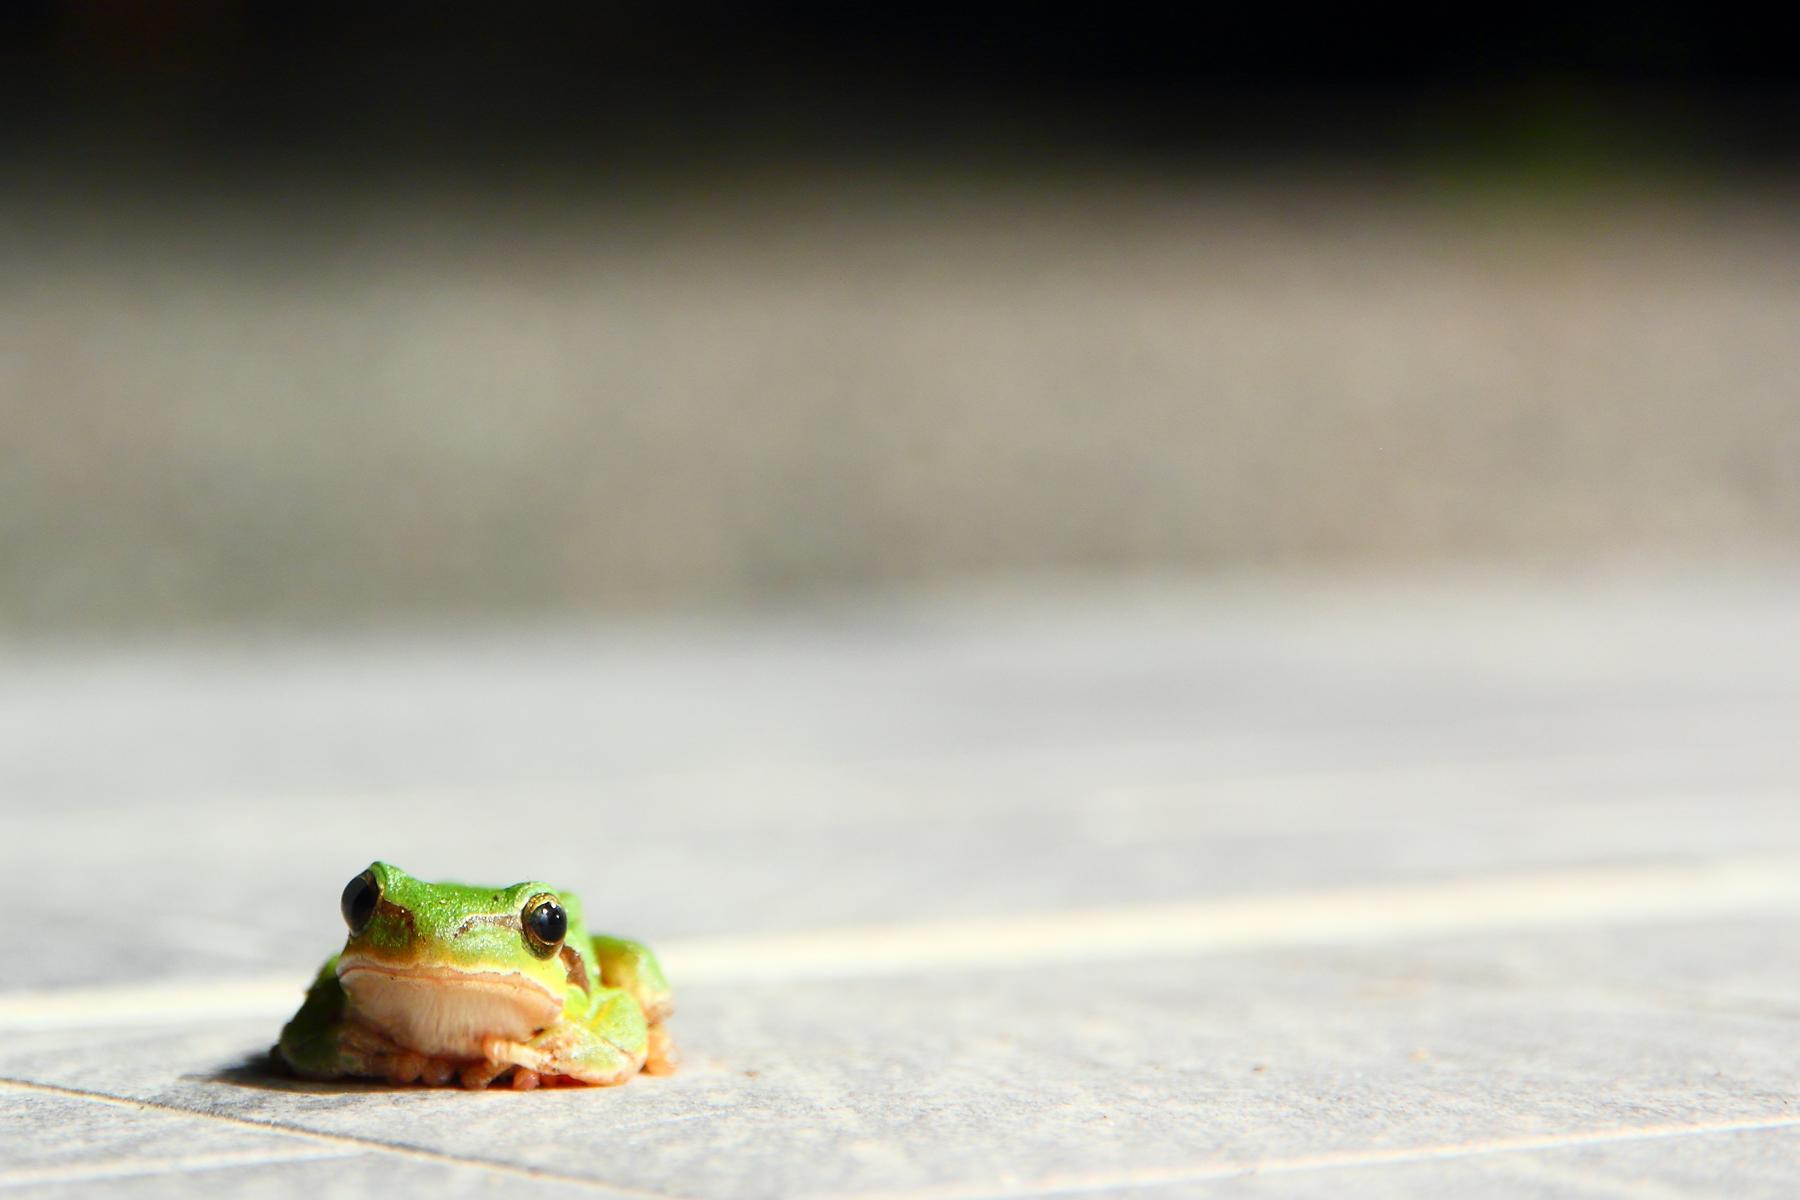 Hintergrundbilder : Welt, Leben, Kamera, Farbe, niedlich, Grün ...